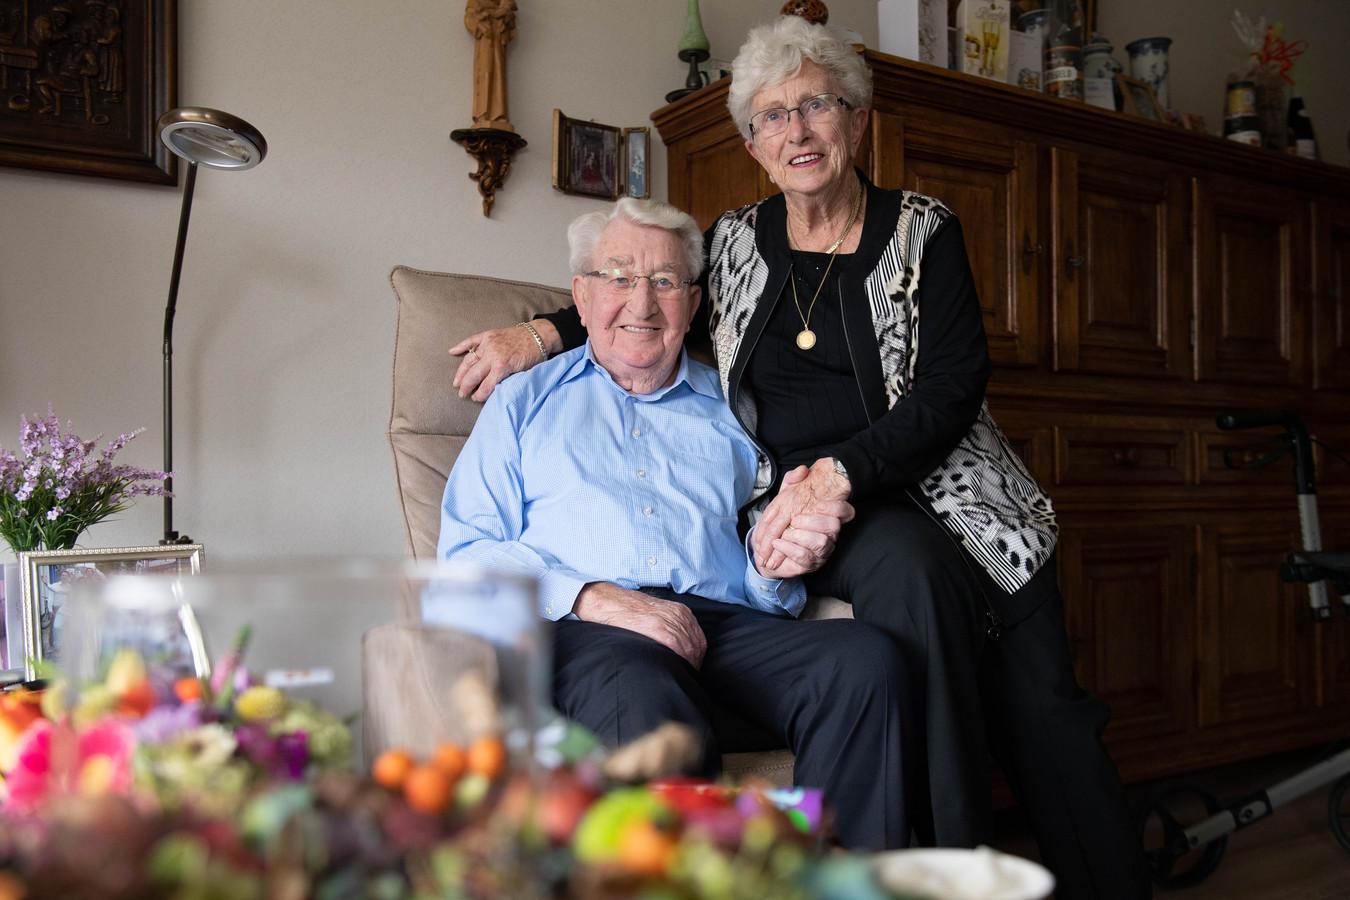 TT-2019-013980 - HENGELO - 65-jarig echtpaar Analbers. EDITIE: HENGELO FOTO: Lars Smook LS20191022